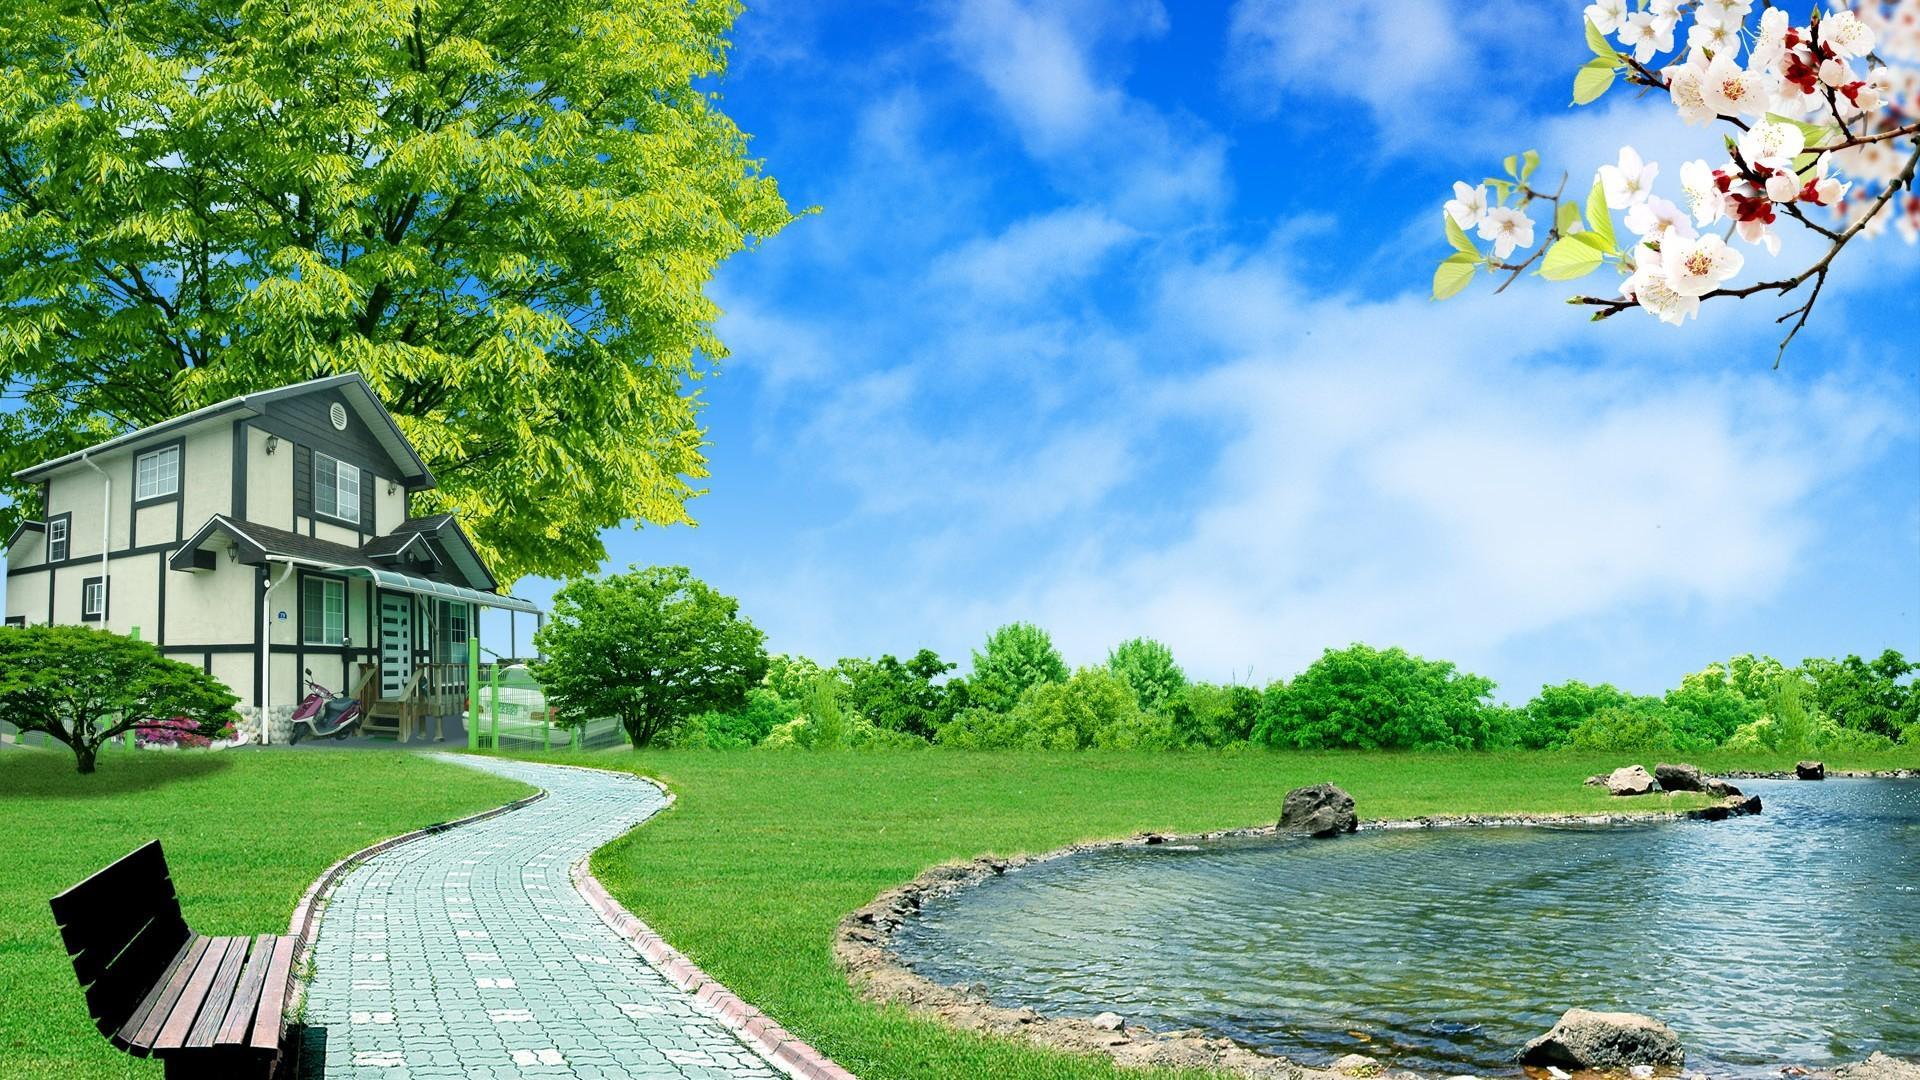 3d nature photo